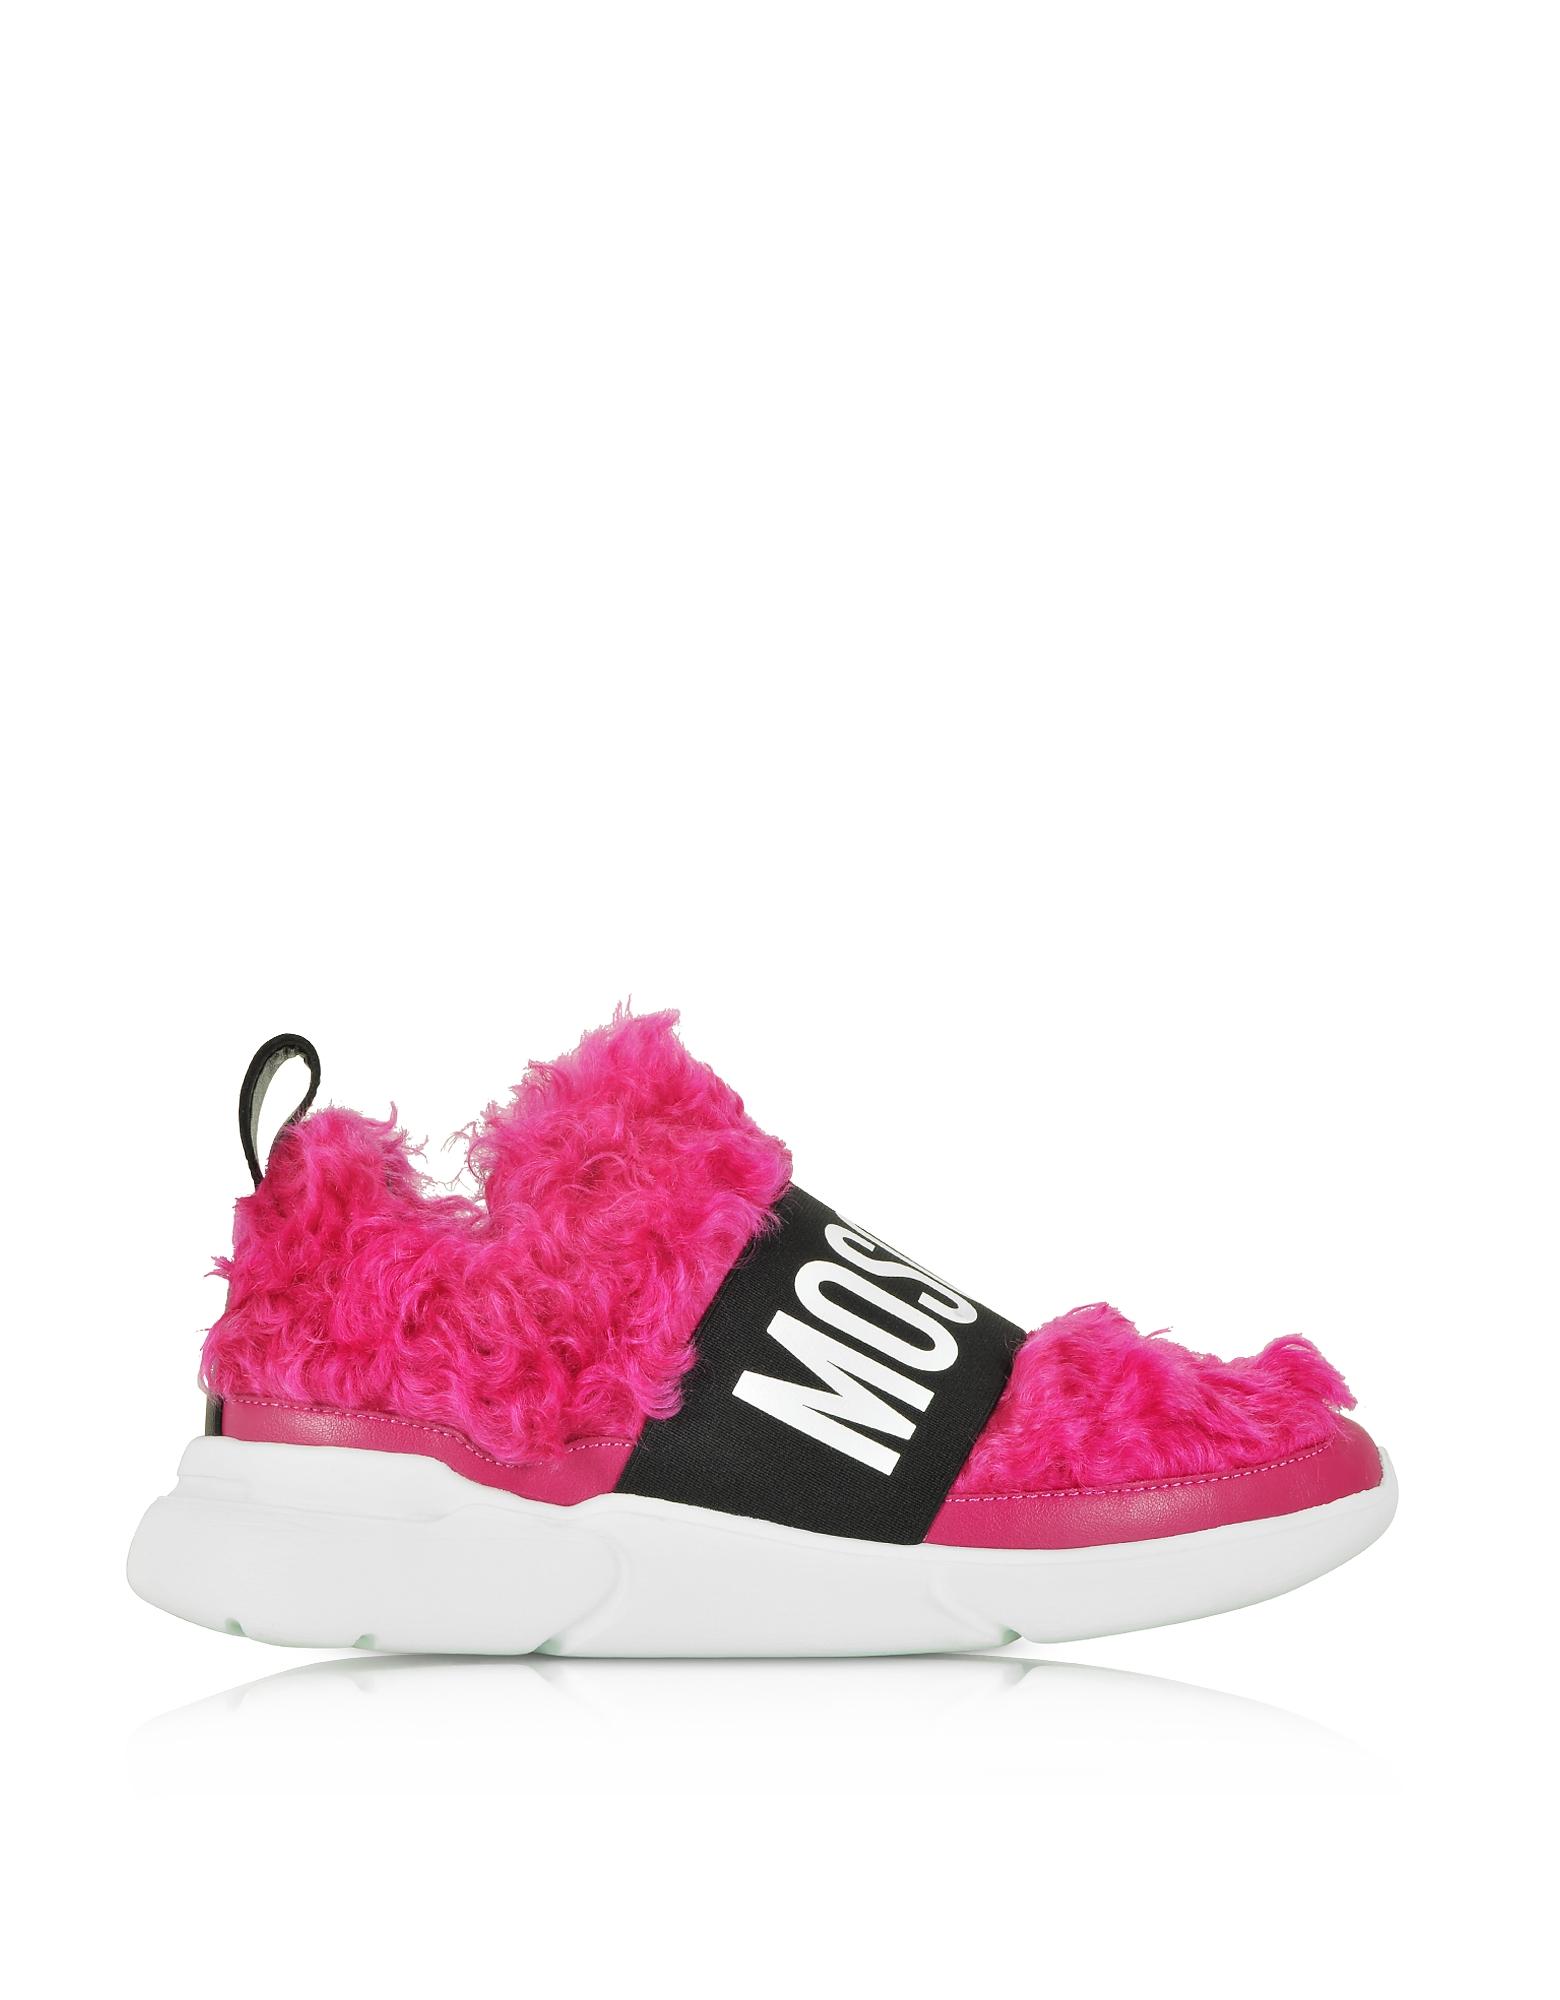 Moschino Shoes, Fuchsia Mohair Women's Ettore Sneakers